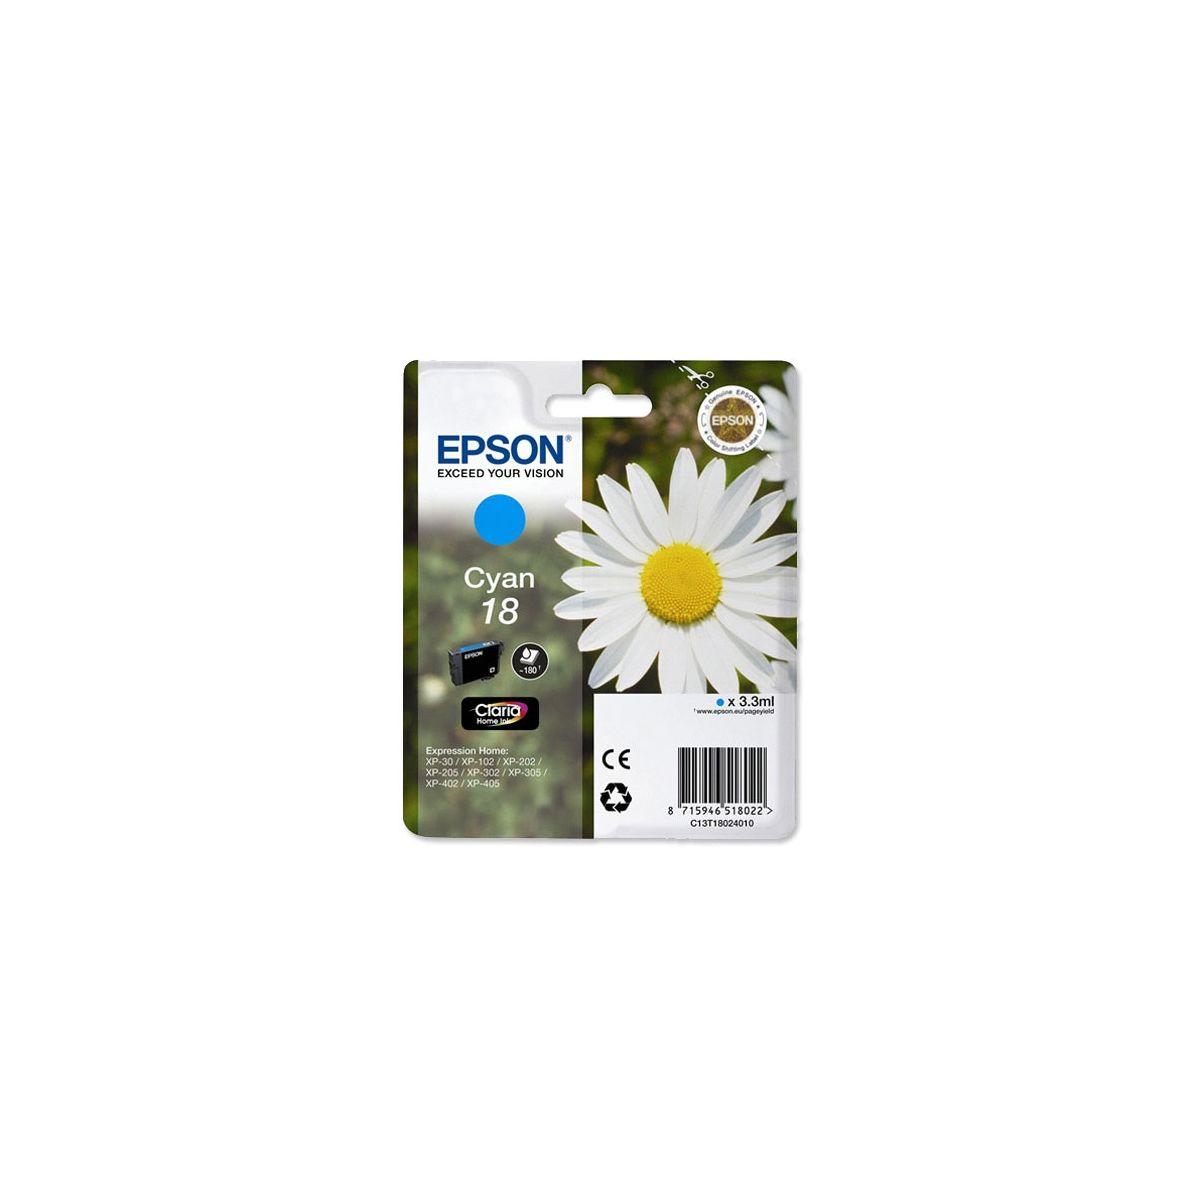 Cartouche d'encre EPSON T1802 Cyan Série Paquerette